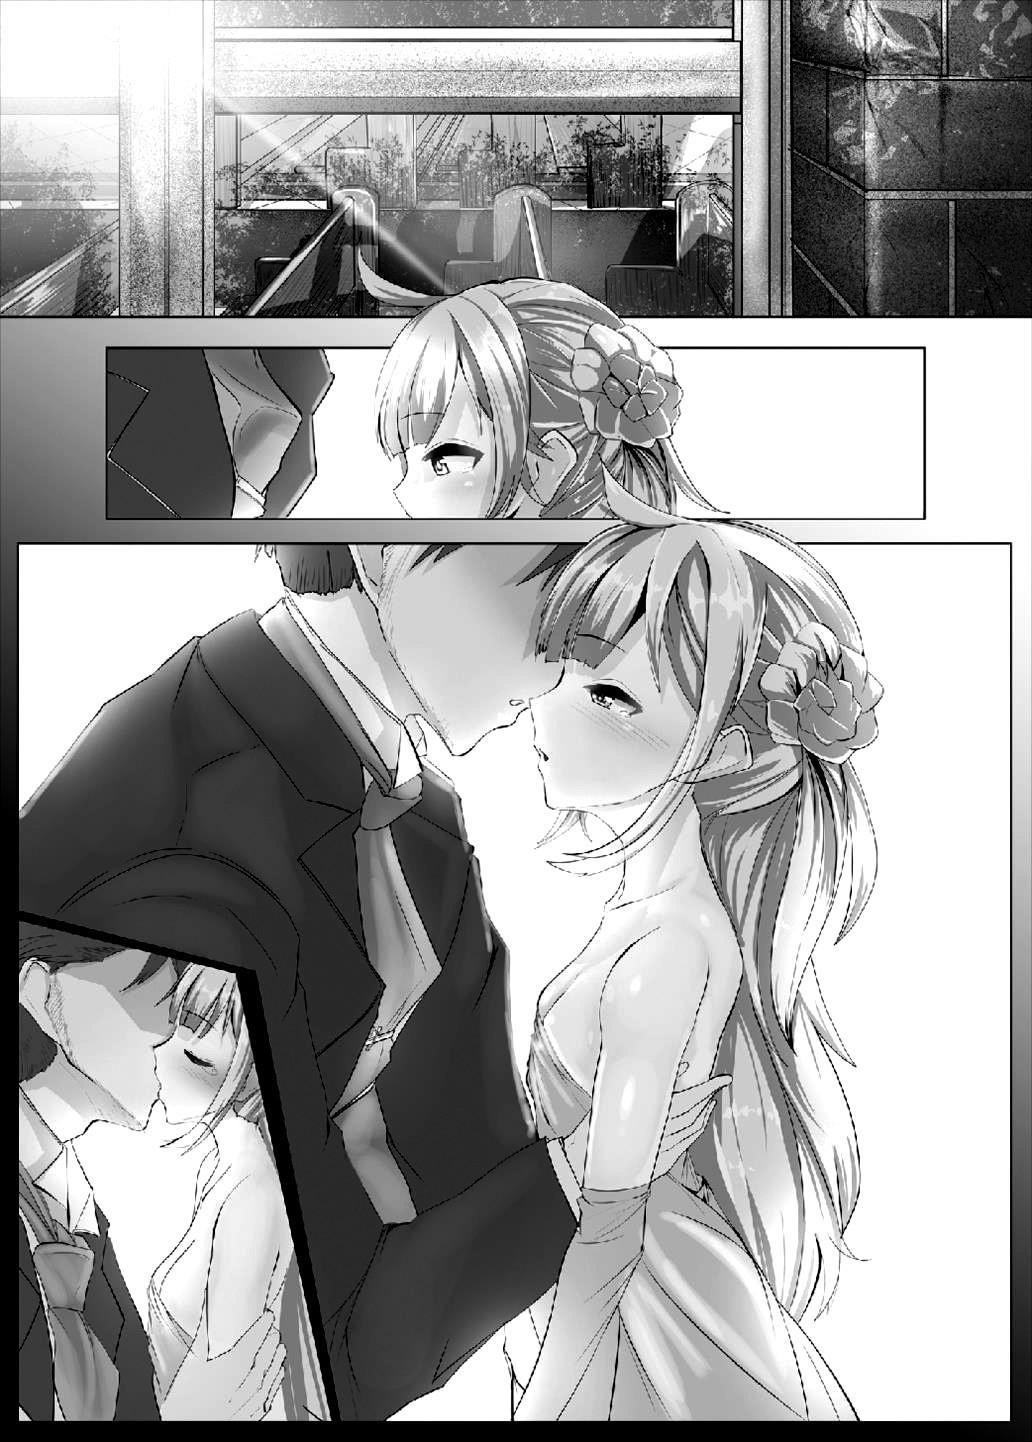 Aisarete Okkiku Narimashita | Love Made Them Bigger 1